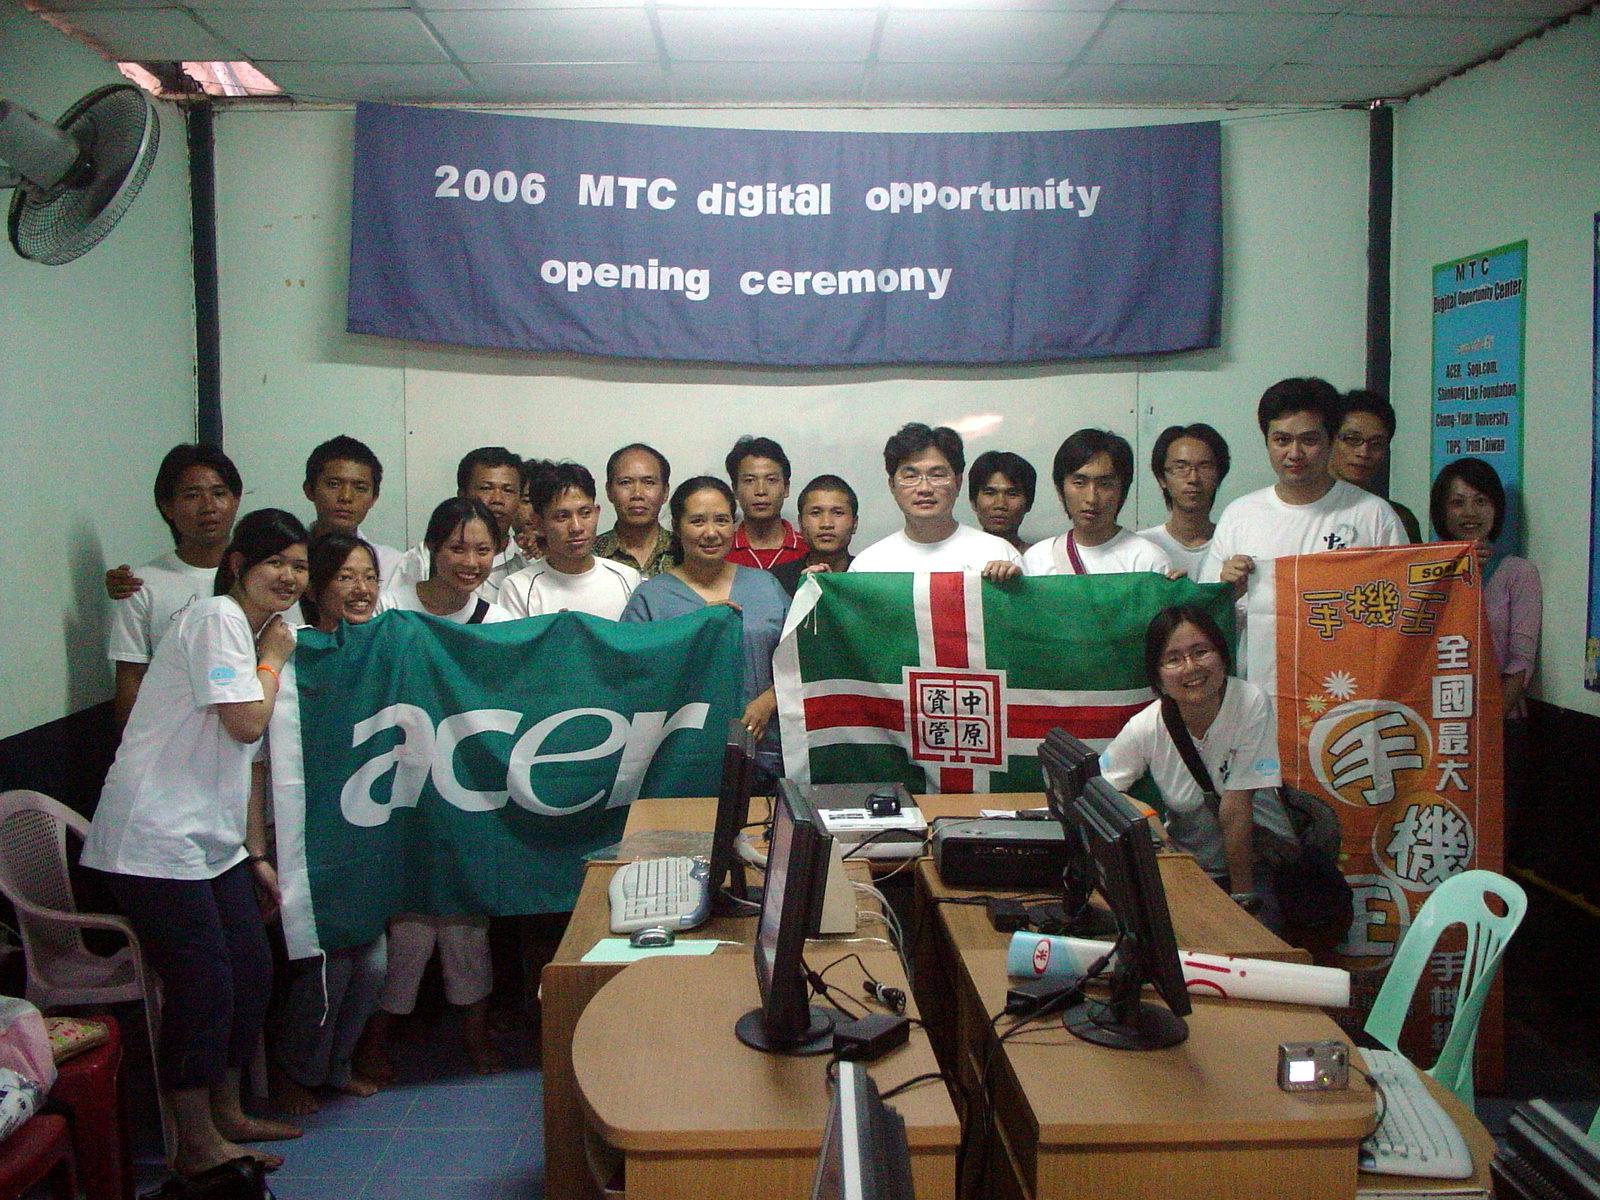 中原資管系學生深入泰緬邊境 為難民診所打造數位機會